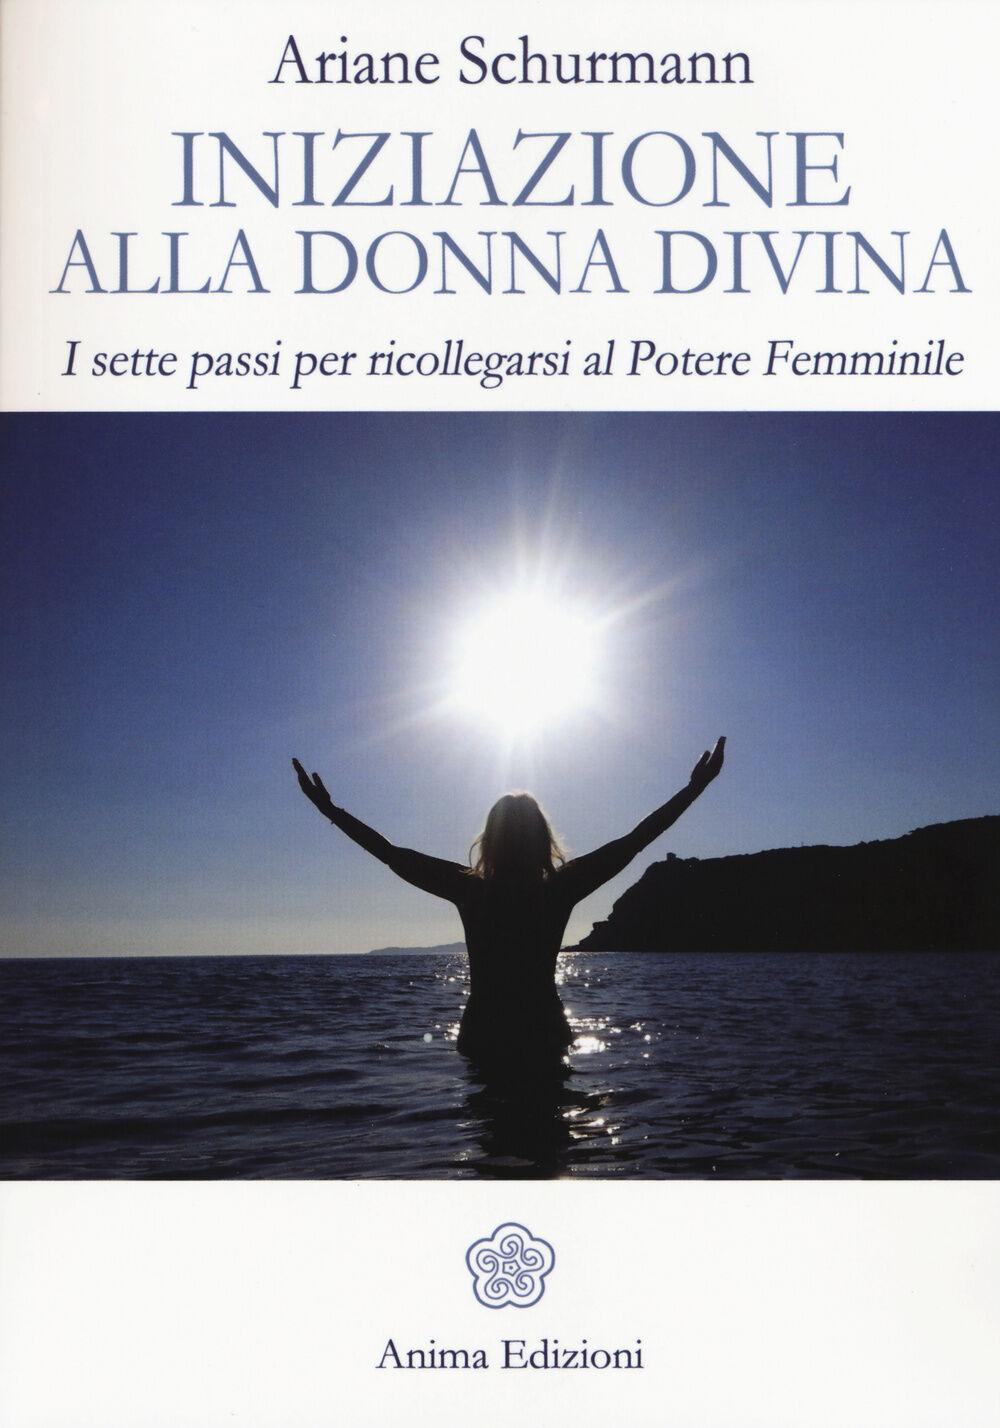 Iniziazione alla donna divina. I sette passi per ricollegarsi al potere femminile